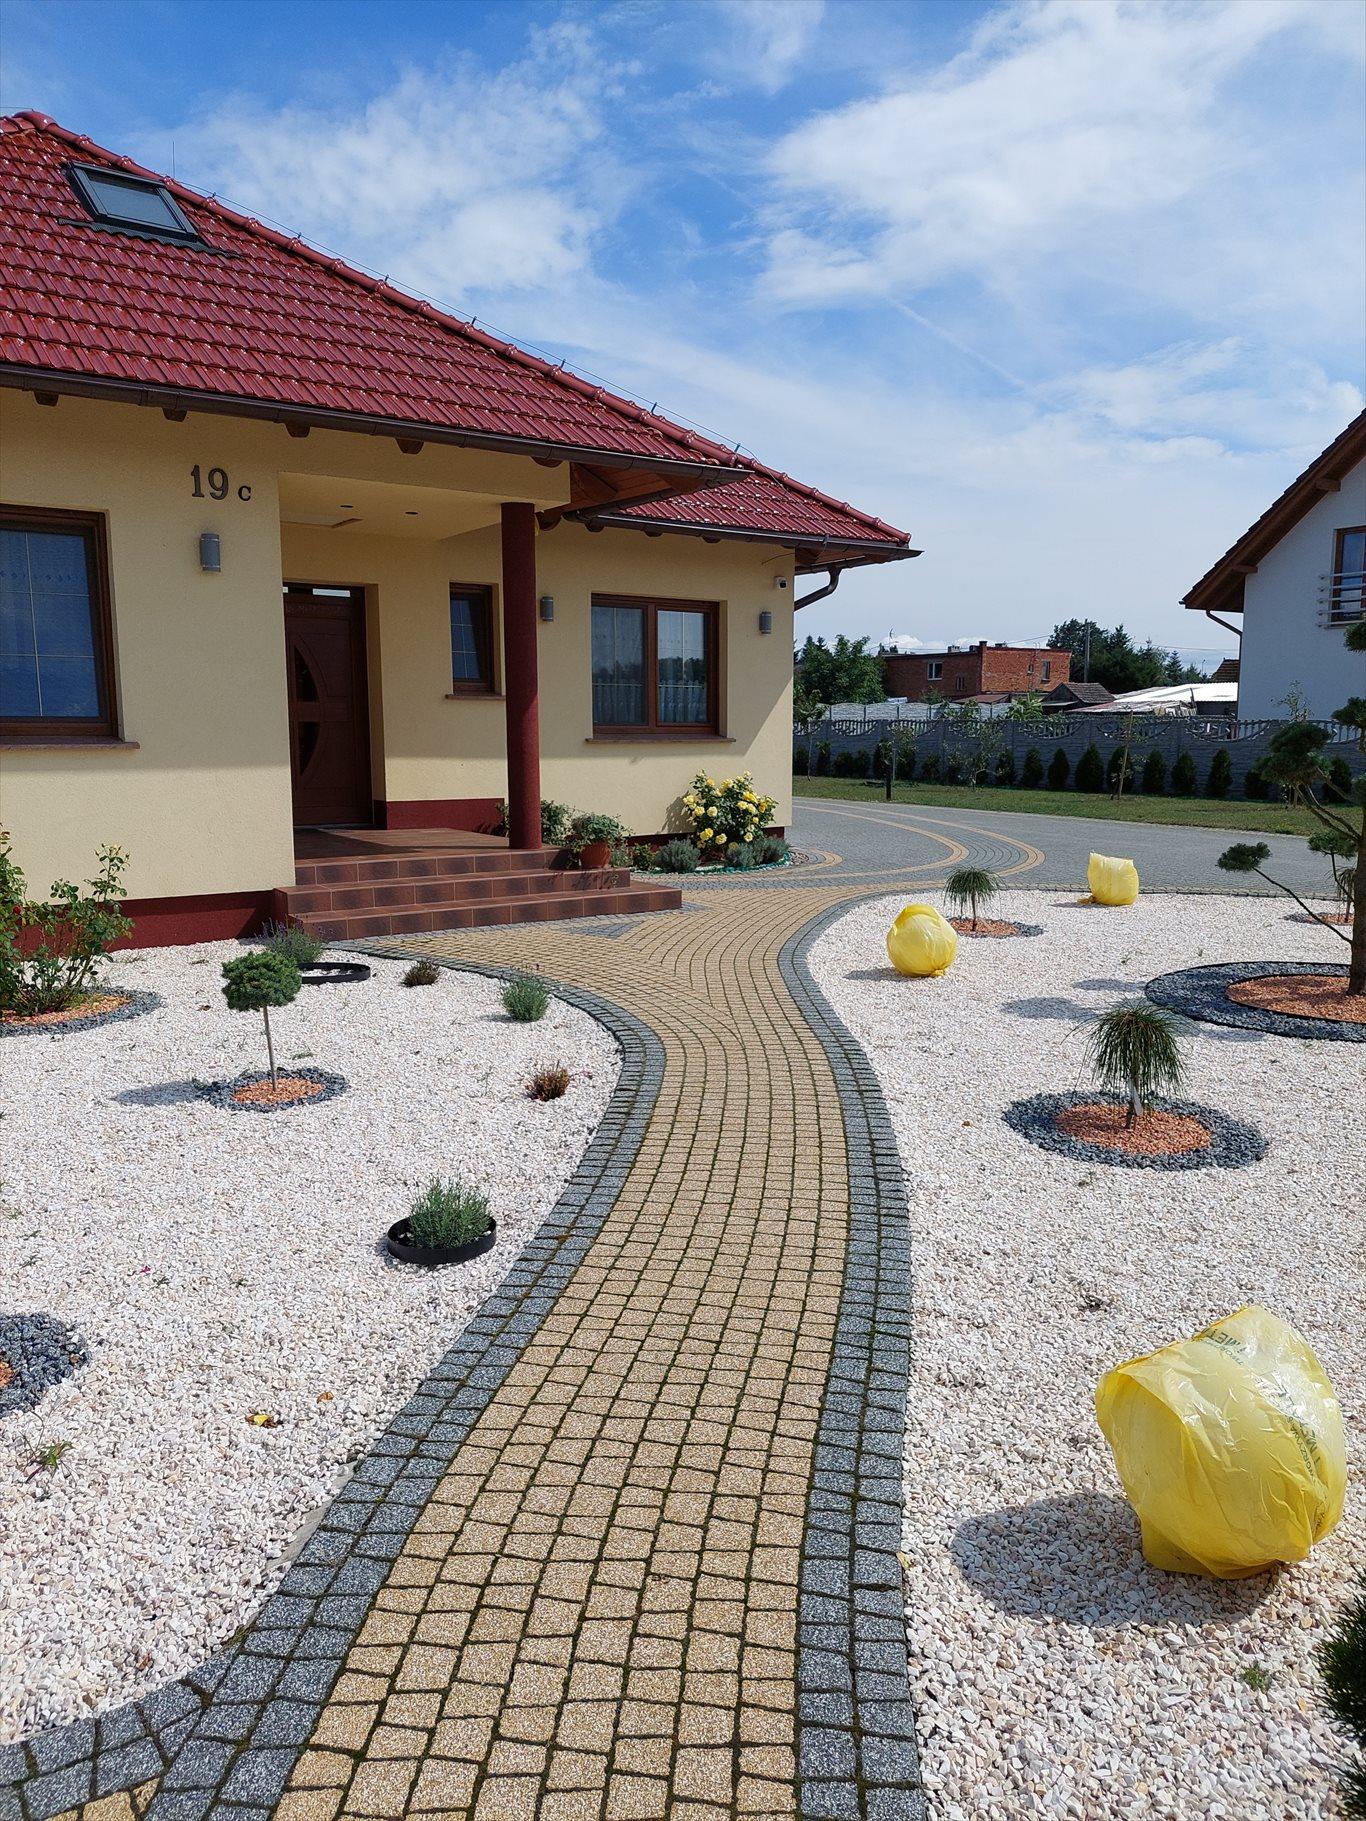 Dom na sprzedaż Milicz, Gogołowice 19c  100m2 Foto 1